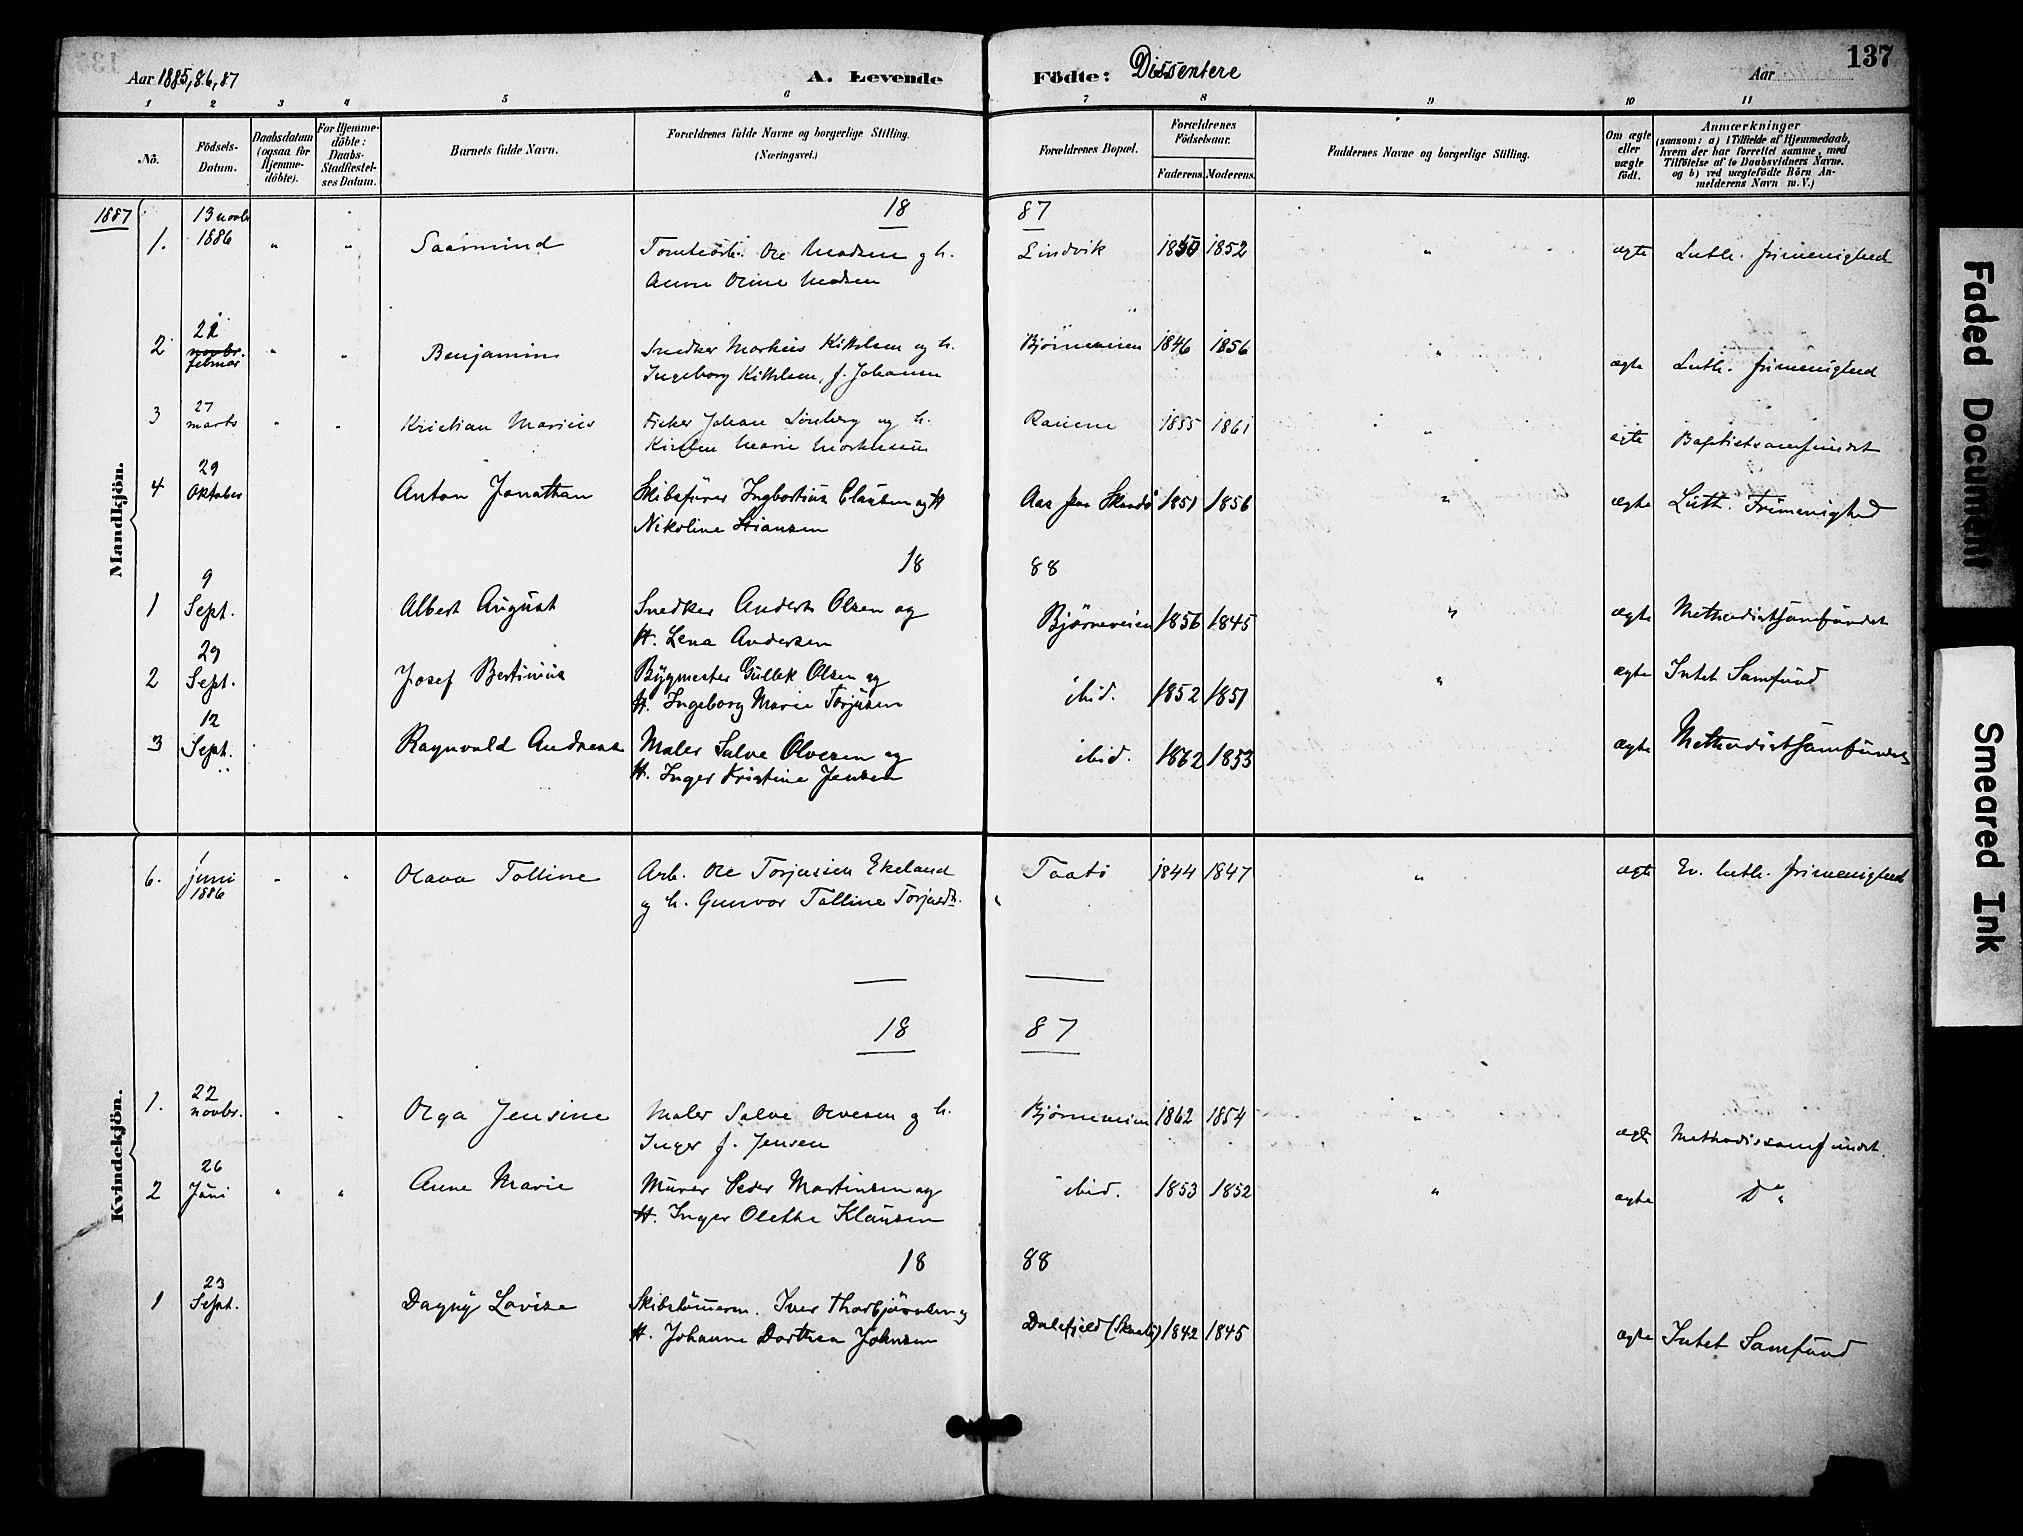 SAKO, Skåtøy kirkebøker, F/Fa/L0002: Ministerialbok nr. I 2, 1884-1899, s. 137